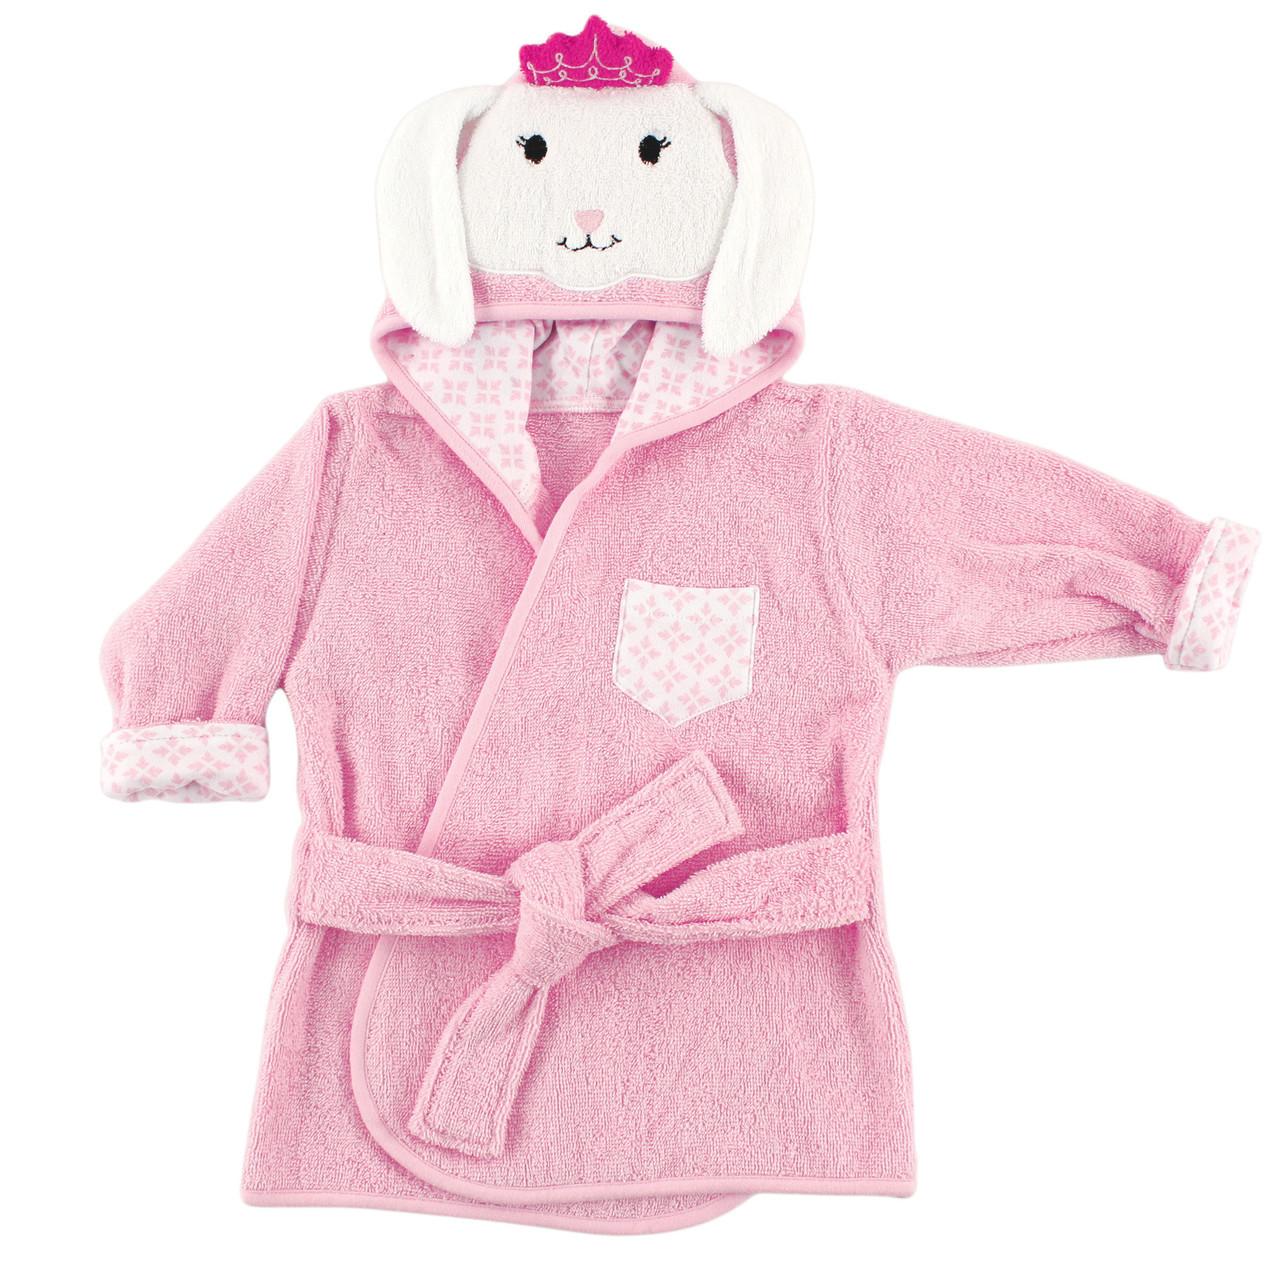 Hudson Baby Baby Girls Toddler Robe